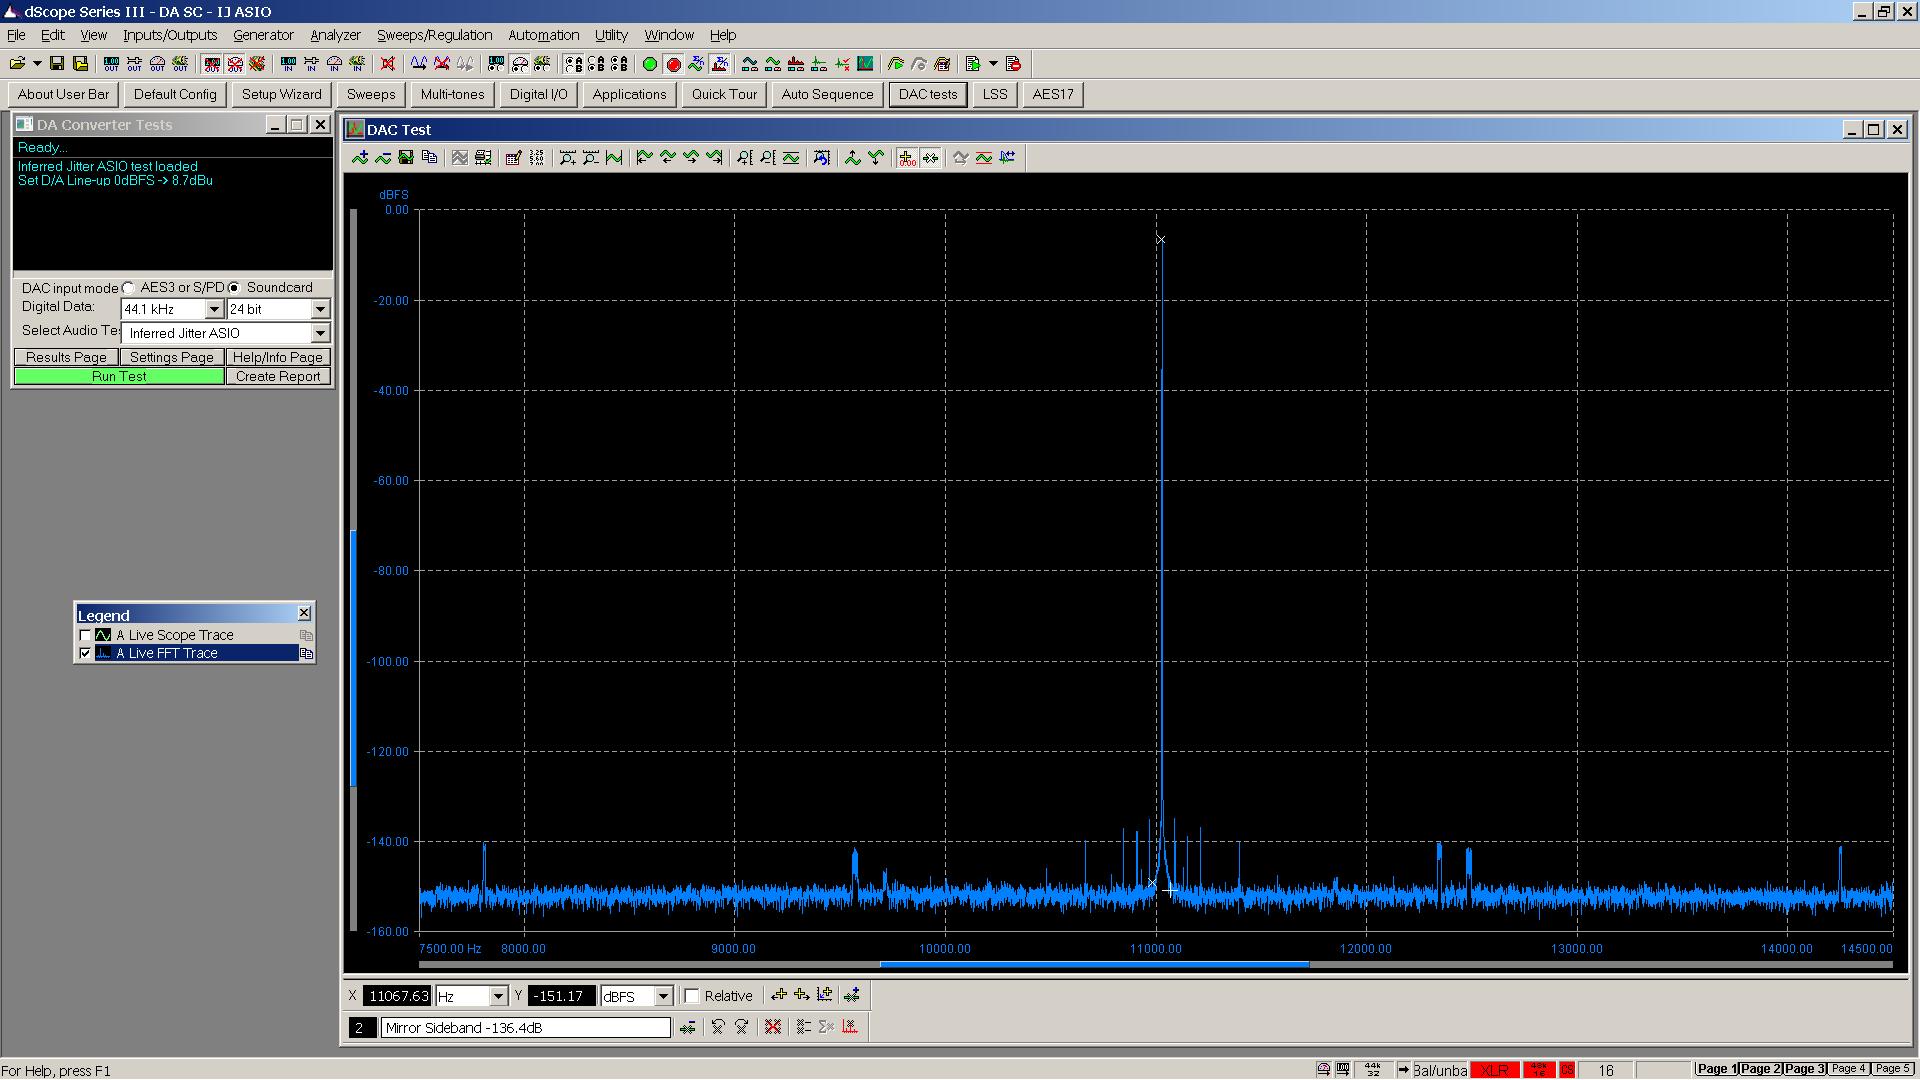 20170327 Modi MB inferred jitter - SPDIF - U12 - 00 min.png